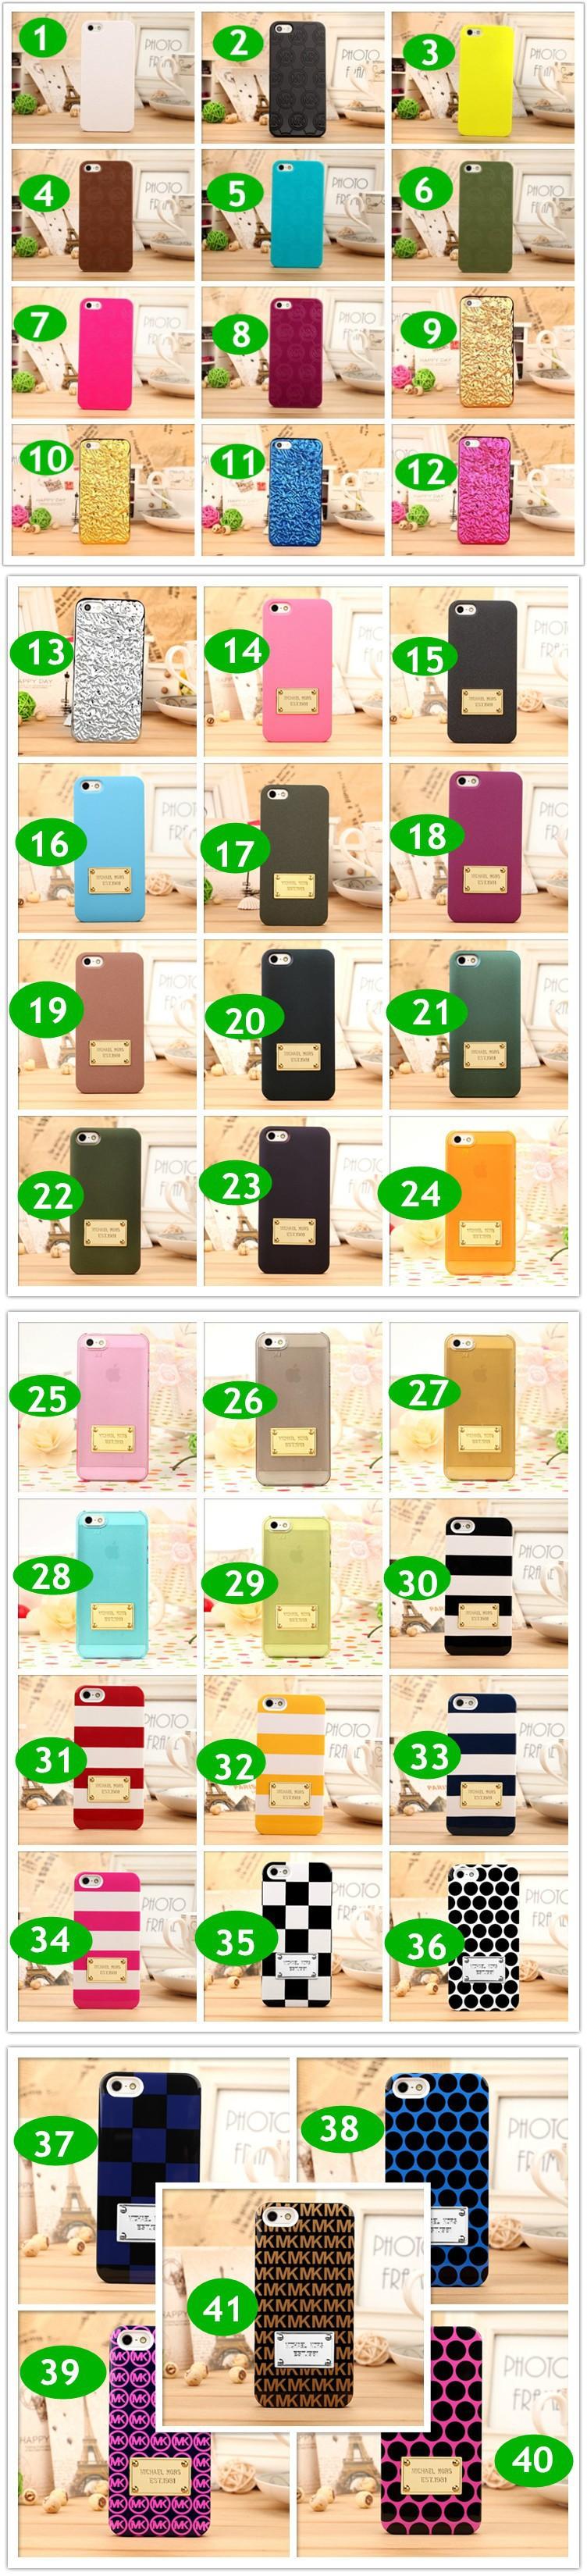 Чехол для для мобильных телефонов 1 Luxury iphone 5 5s 5 g moq iphone 5s MMT-A008